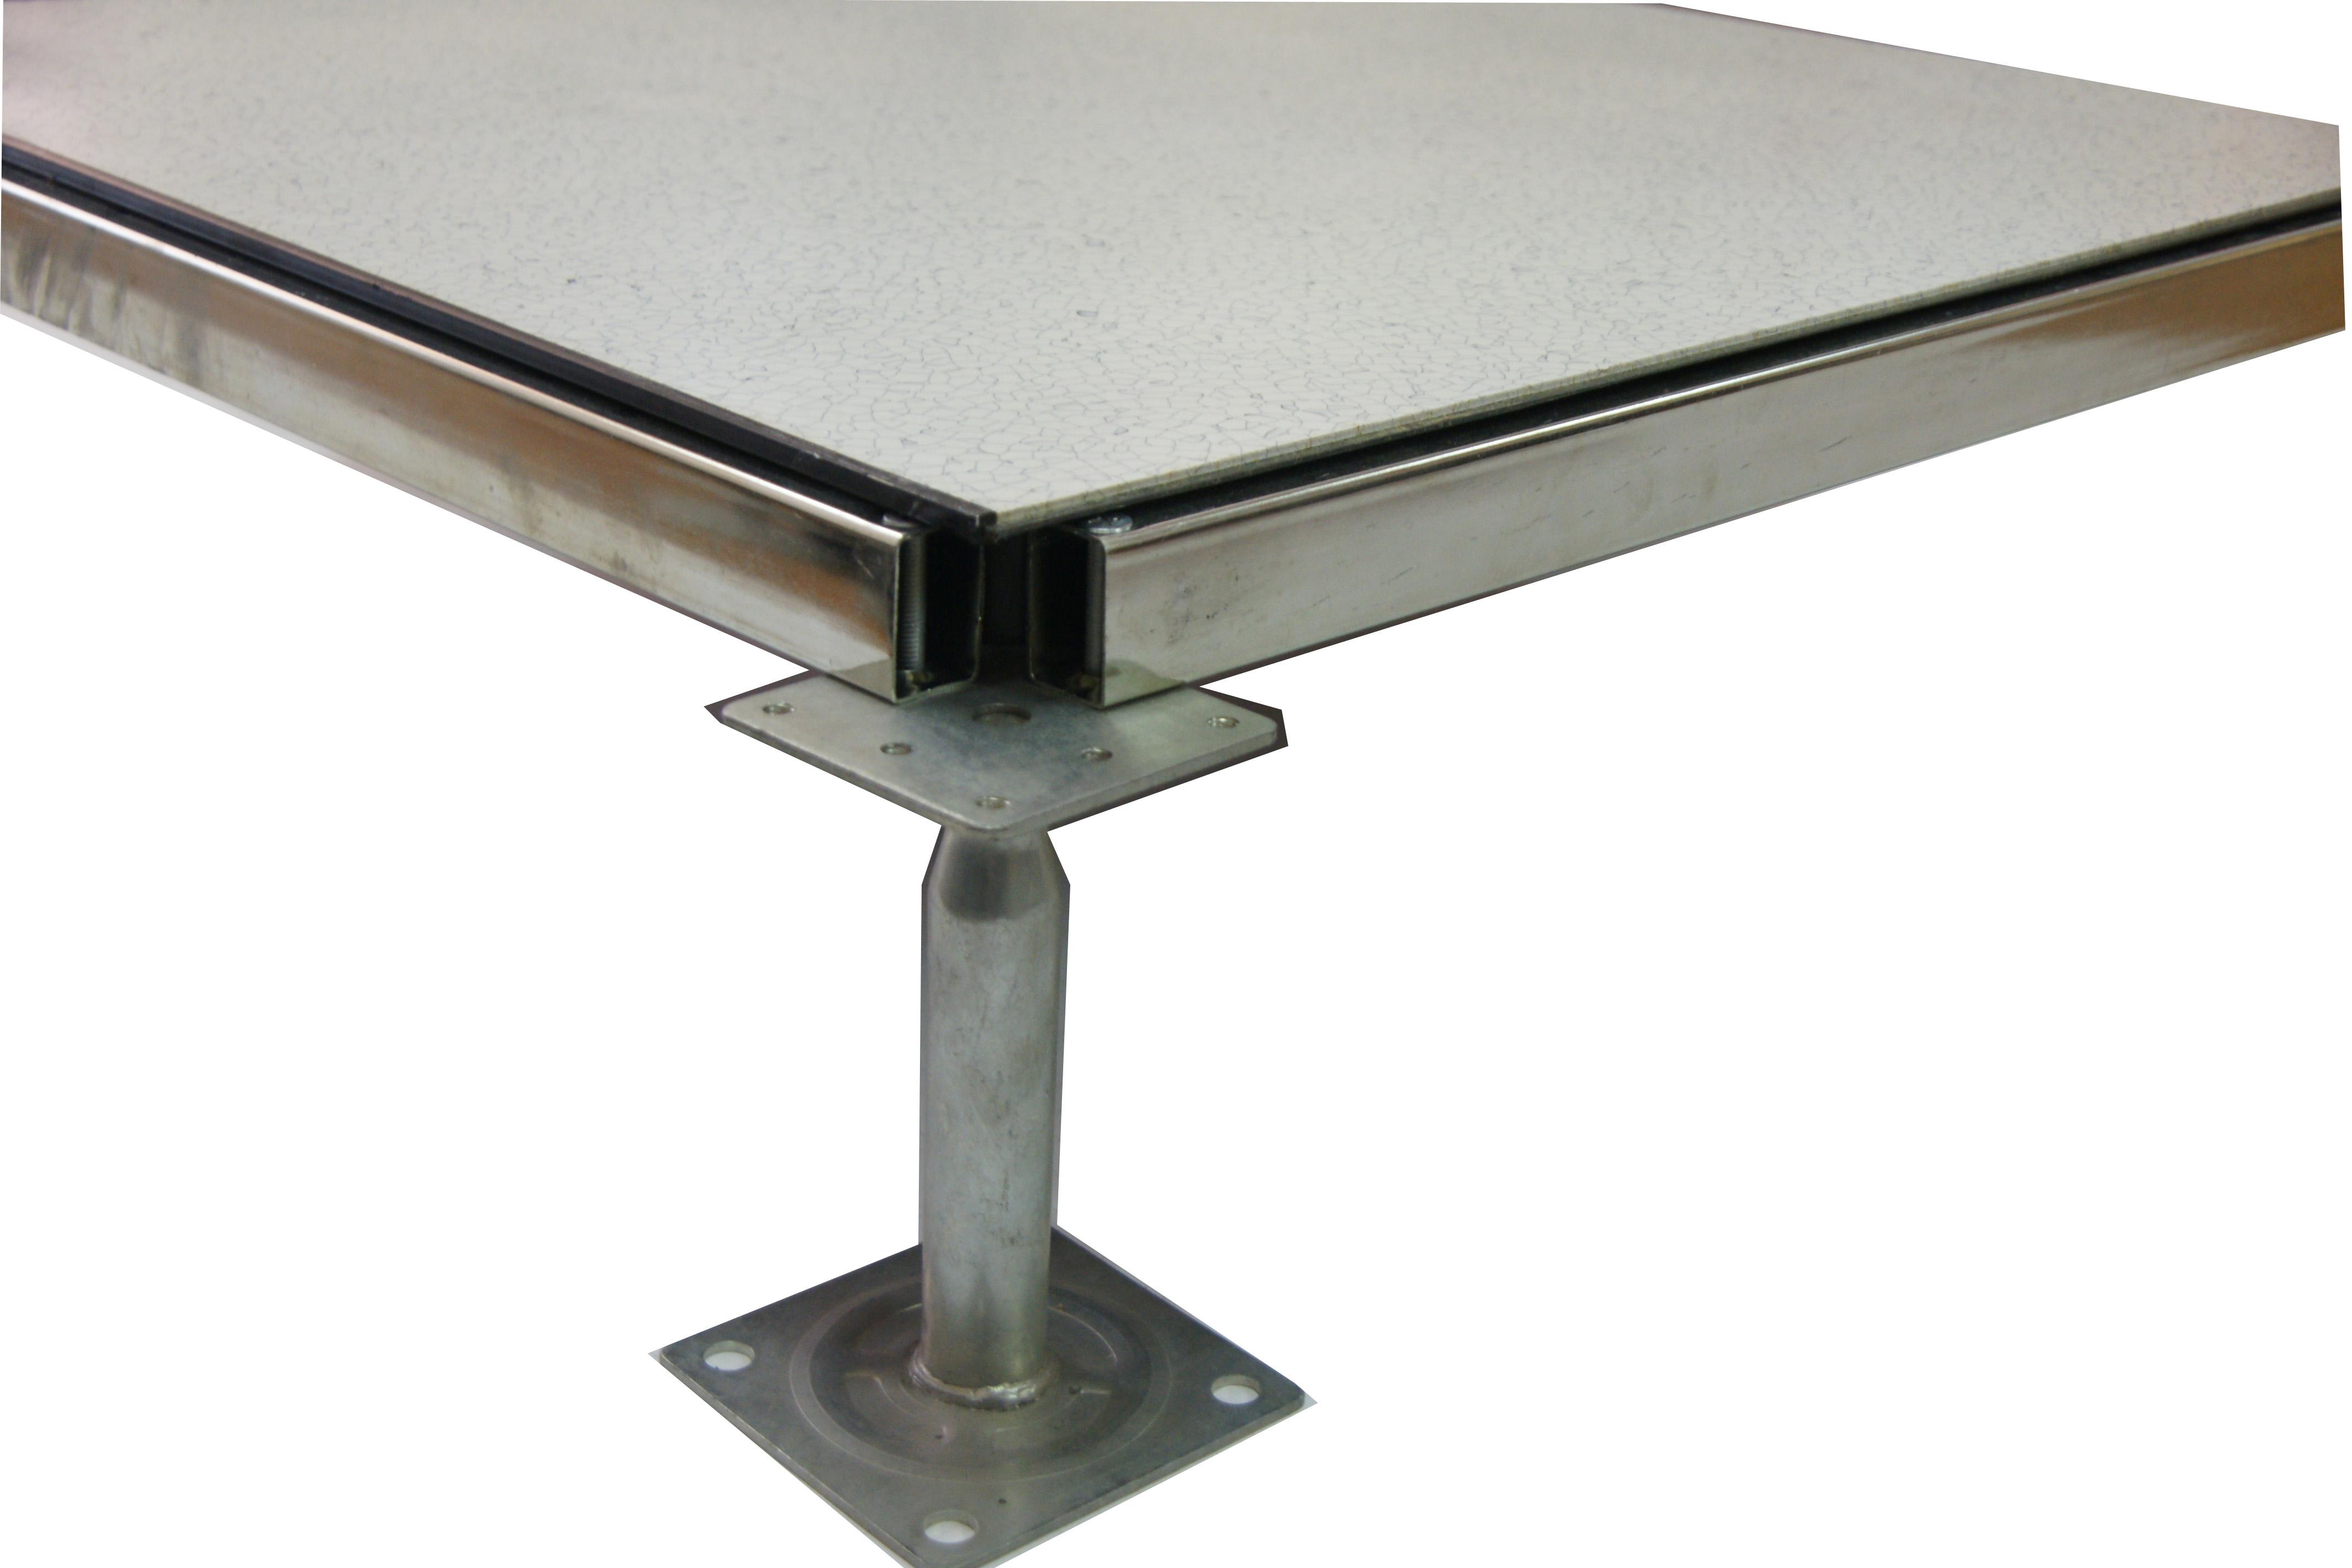 宜宽厂家直销高优质静电活动地板 经久耐用